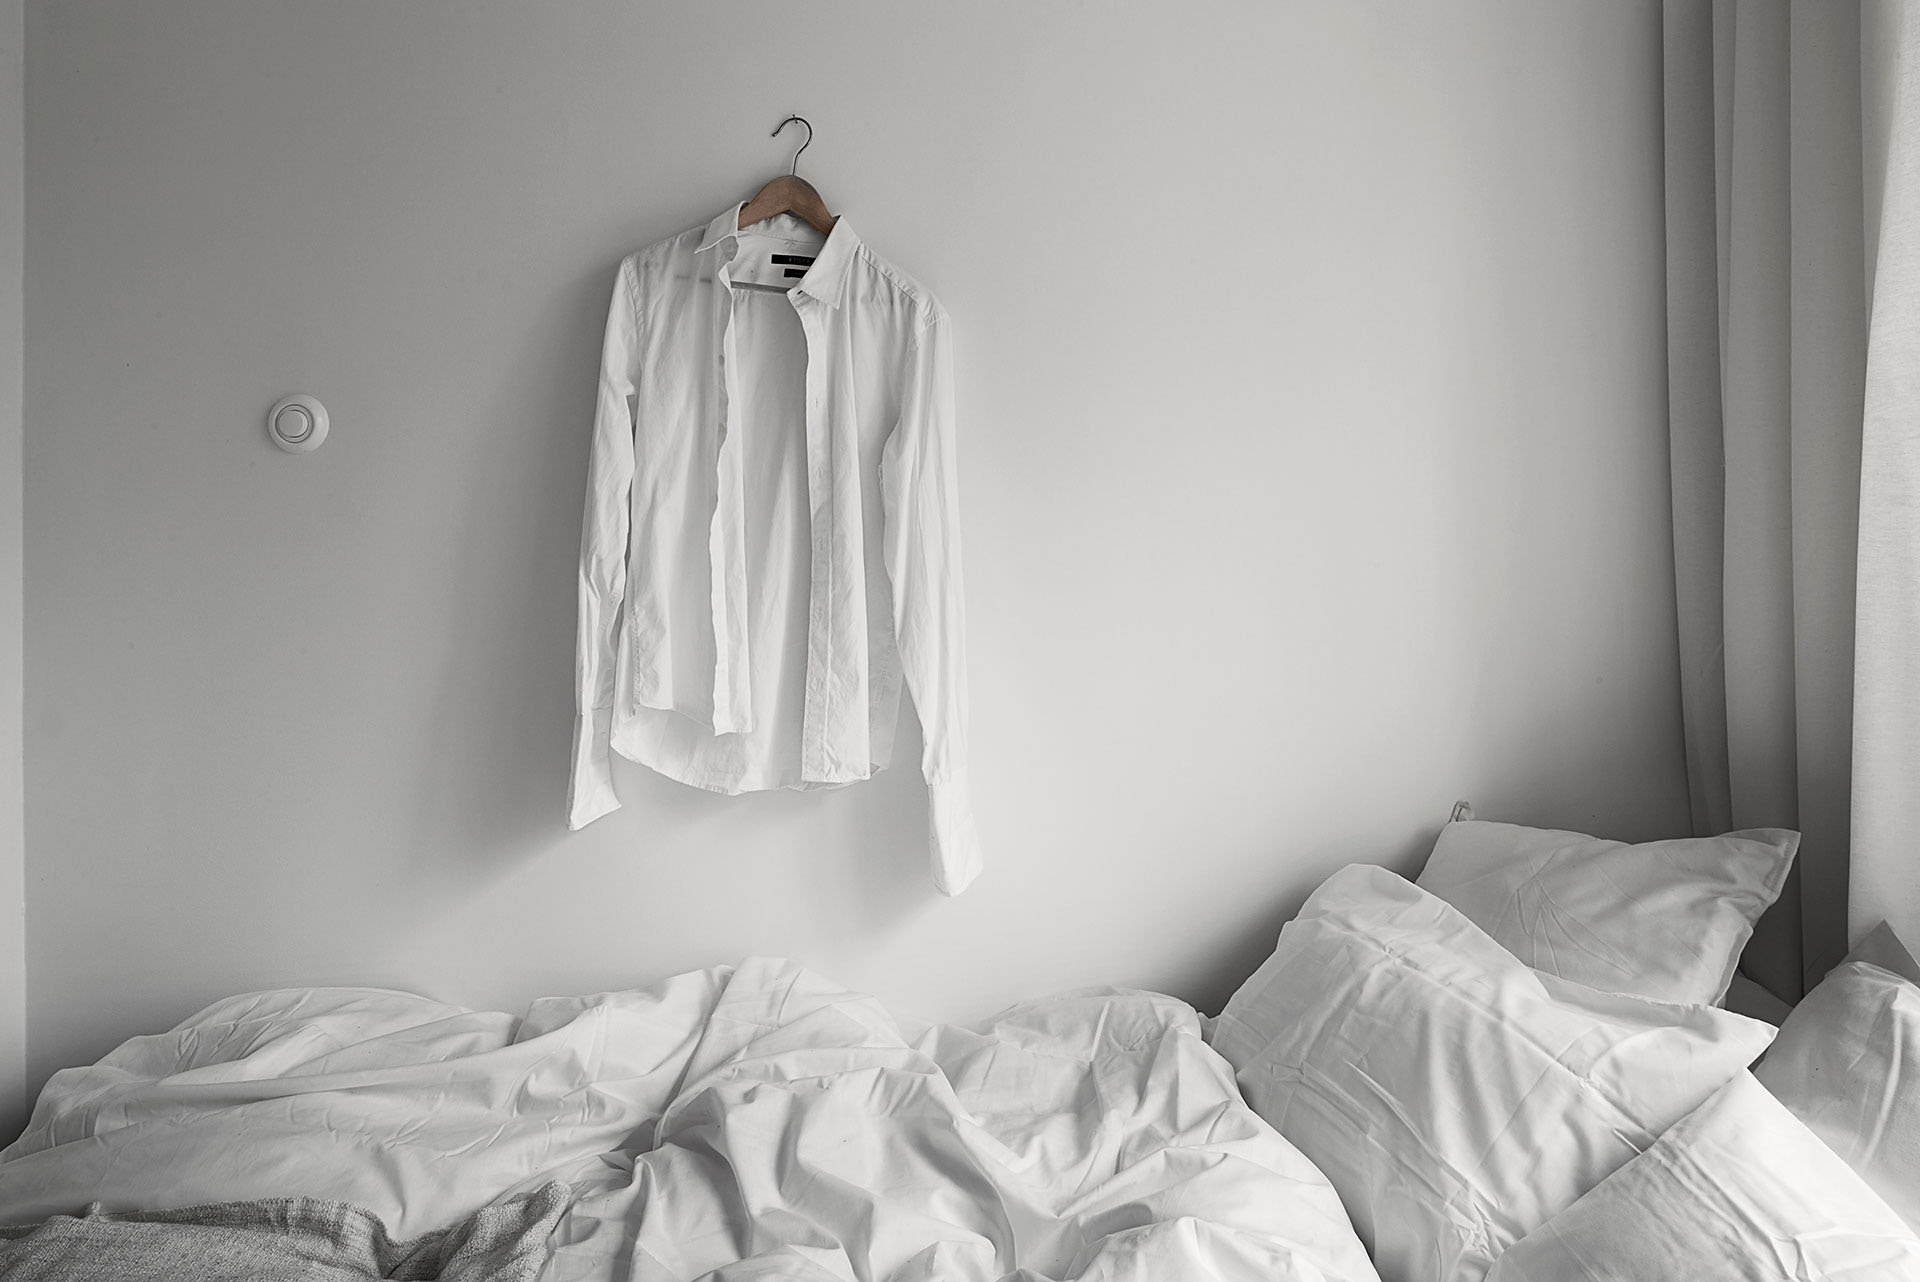 卧室以白色系列为主,显得整体干净清爽,一个非常舒适的休息场所